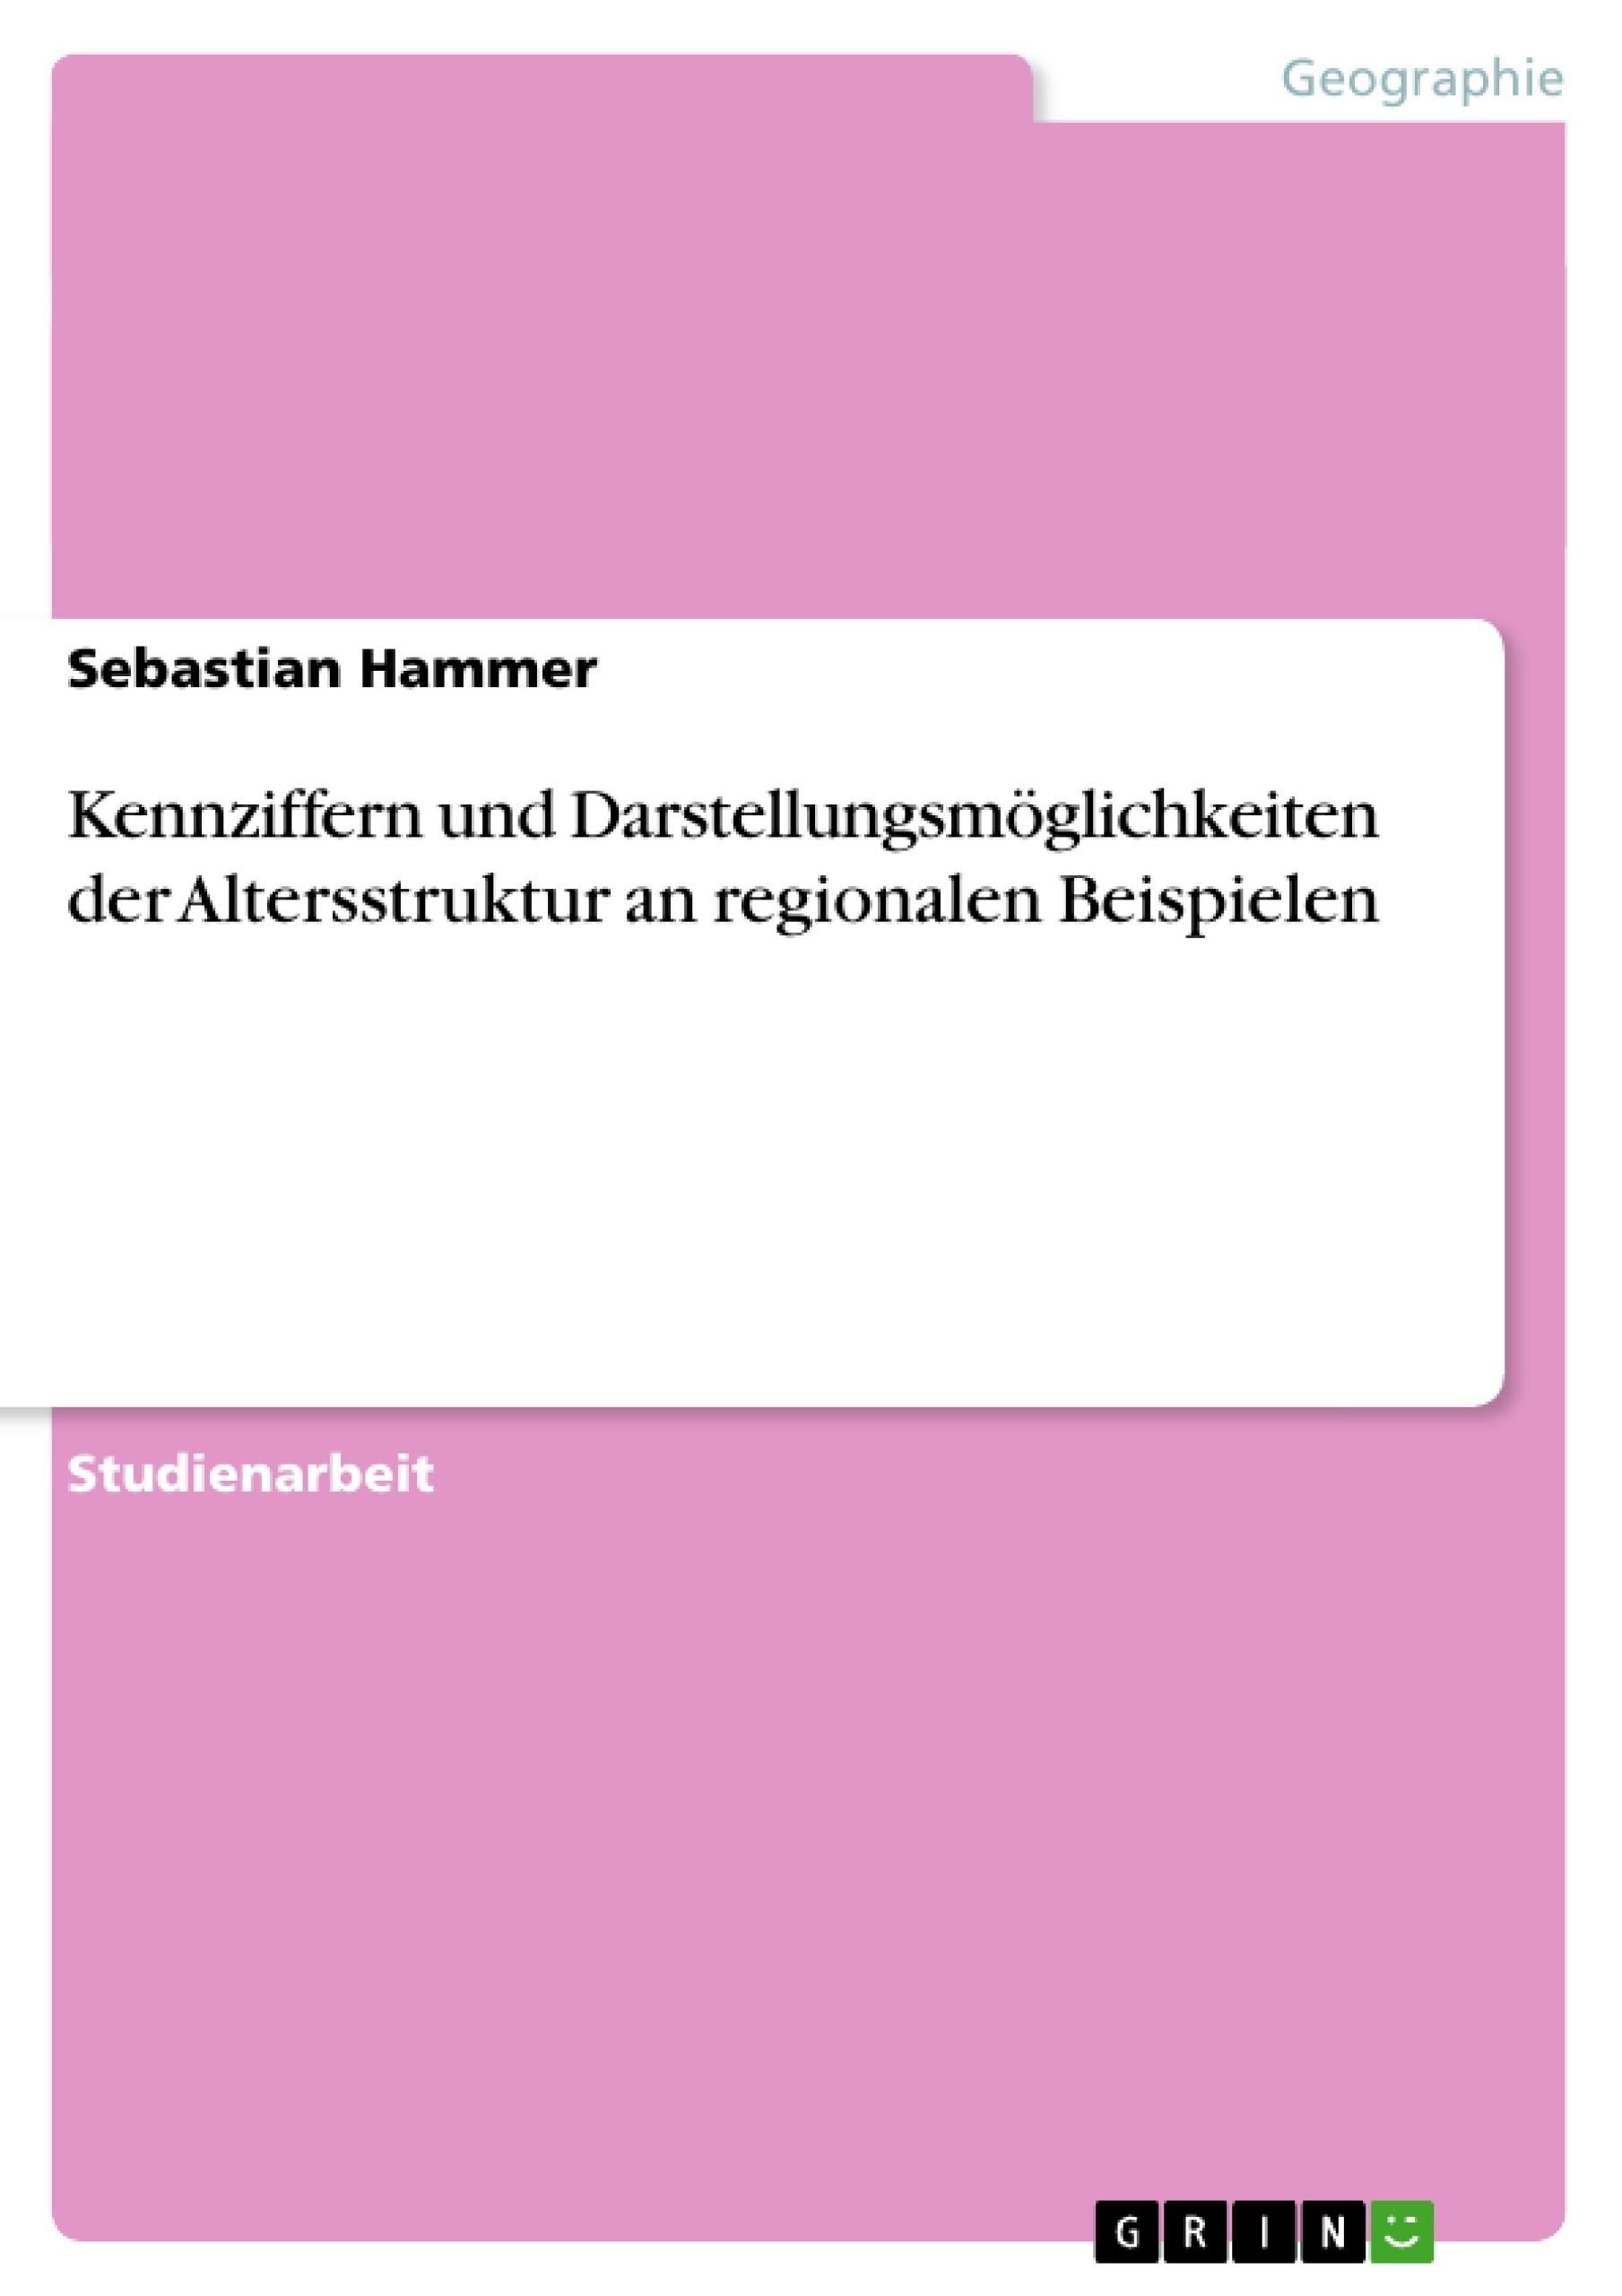 Titel: Kennziffern und Darstellungsmöglichkeiten der Altersstruktur an regionalen Beispielen